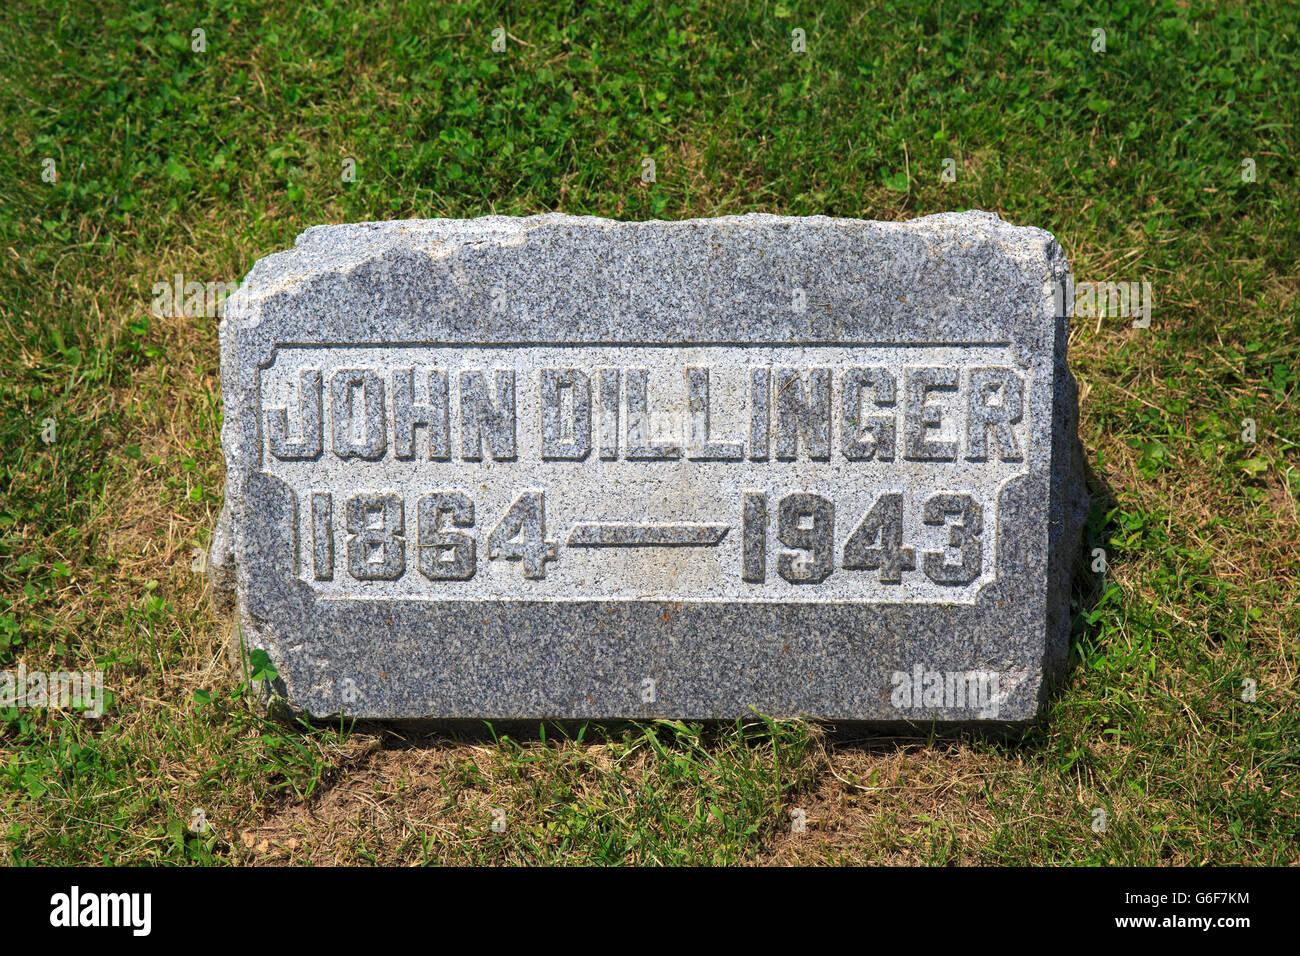 Gravestone of John Wilson Dillinger, father of John Dillinger, famous American criminal - Stock Image